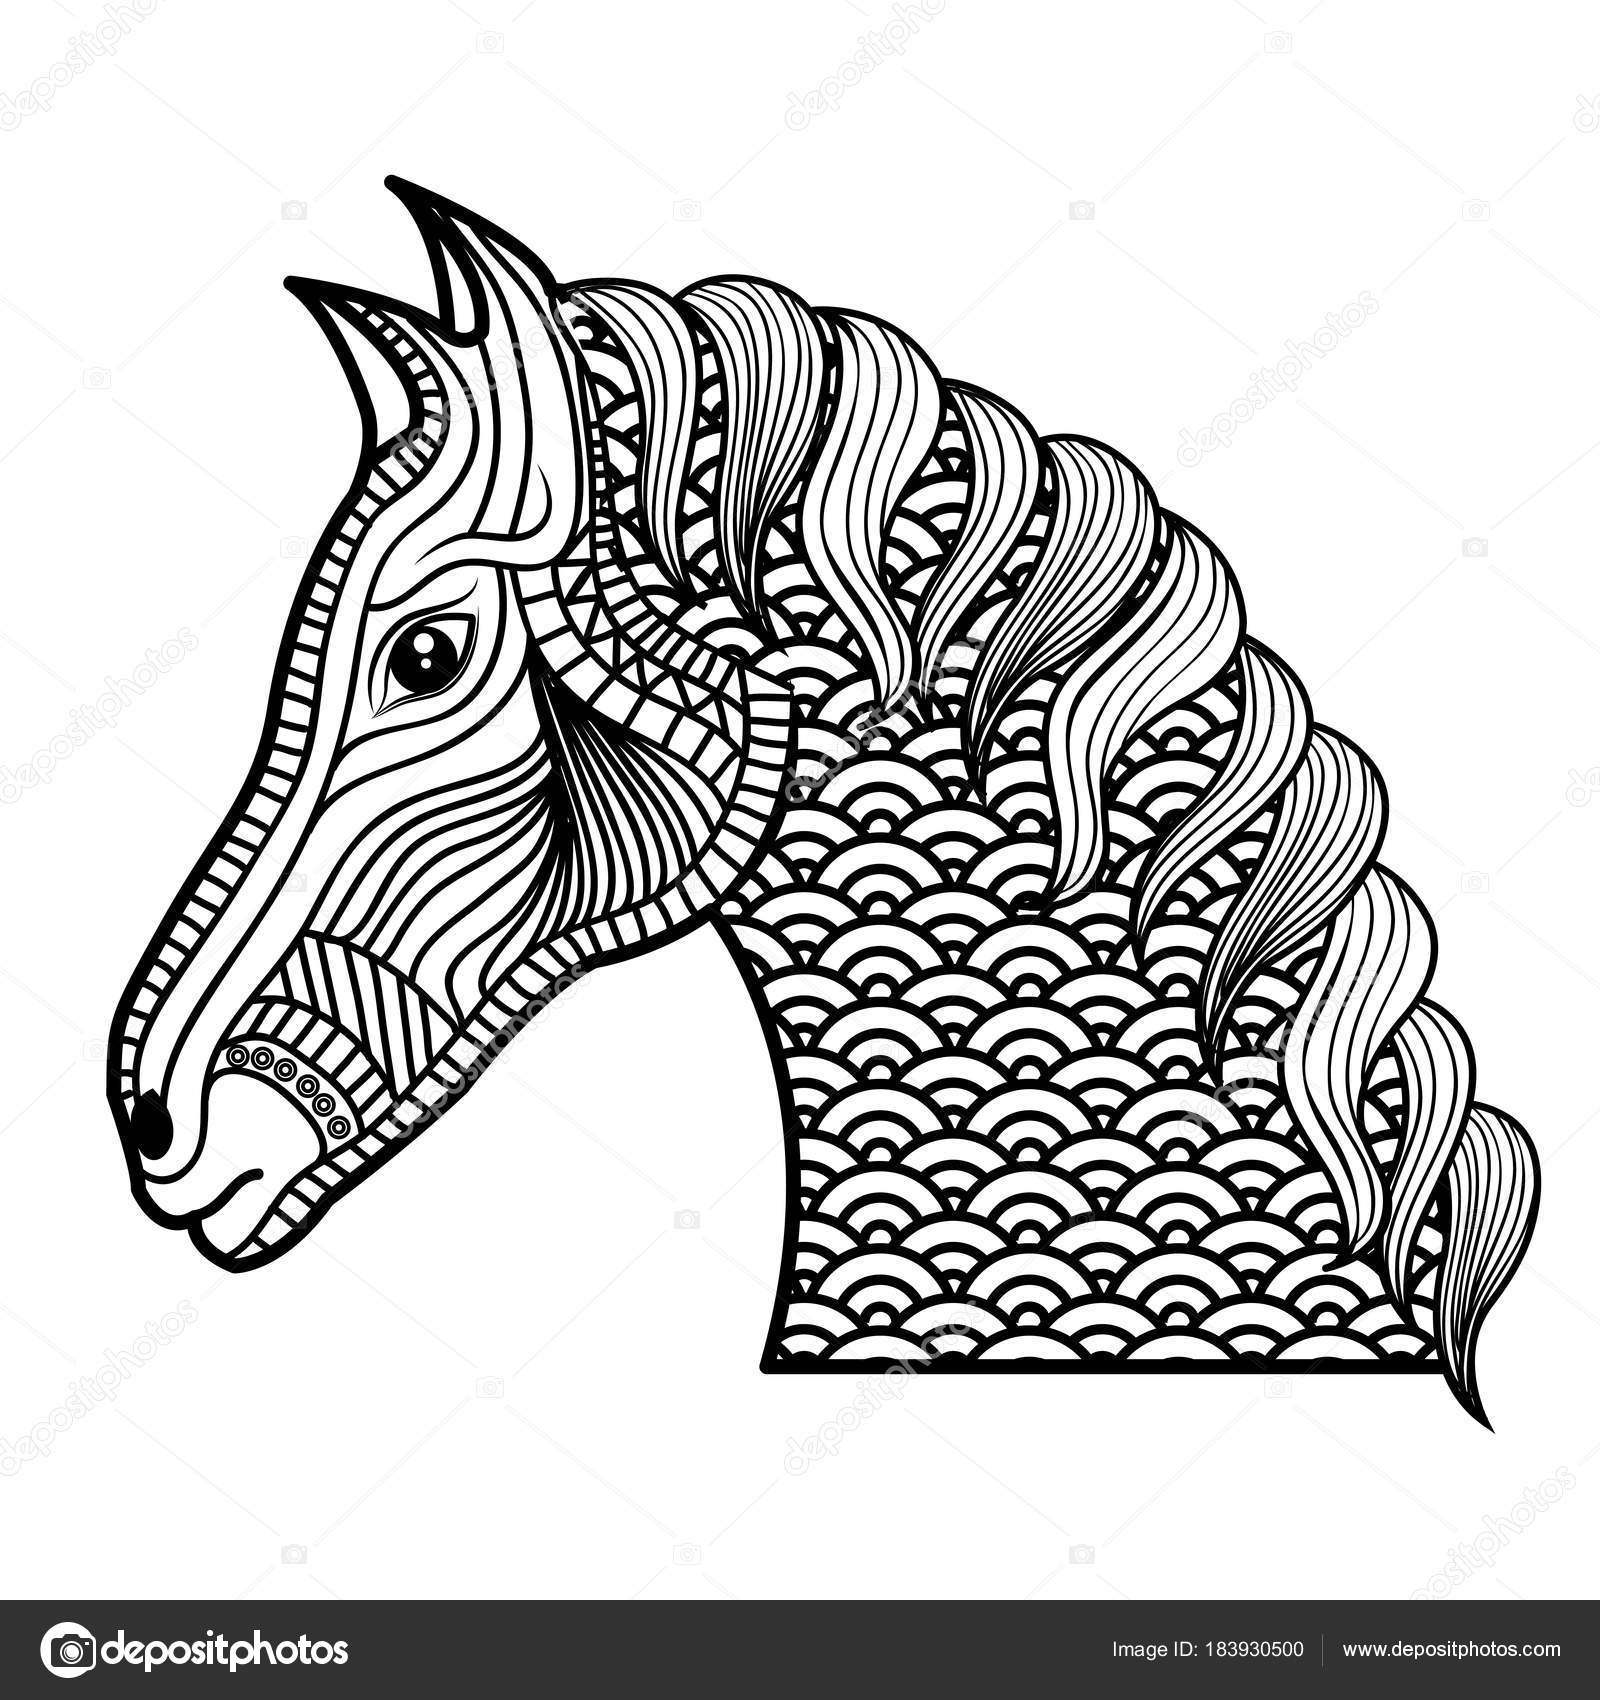 adulto para colorear dibujo de caballos monocromo — Vector de stock ...